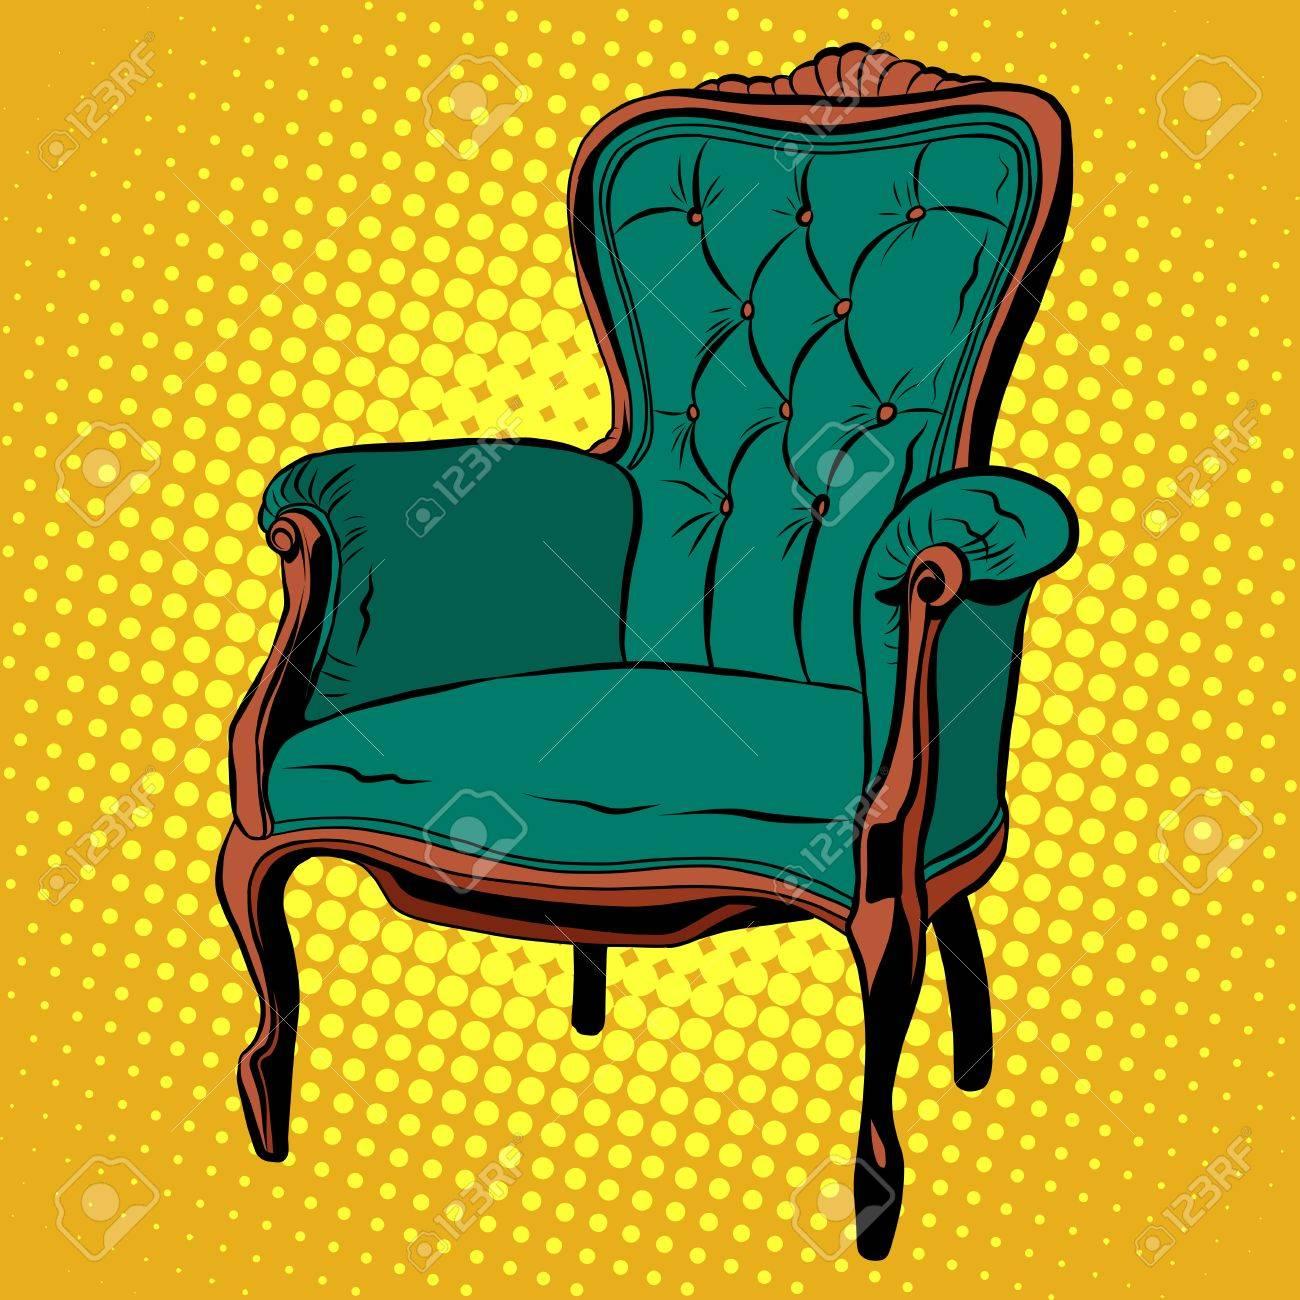 Vert Doux Meubles De Chaise Vecteur Fauteuil Pop Art Style Rtro